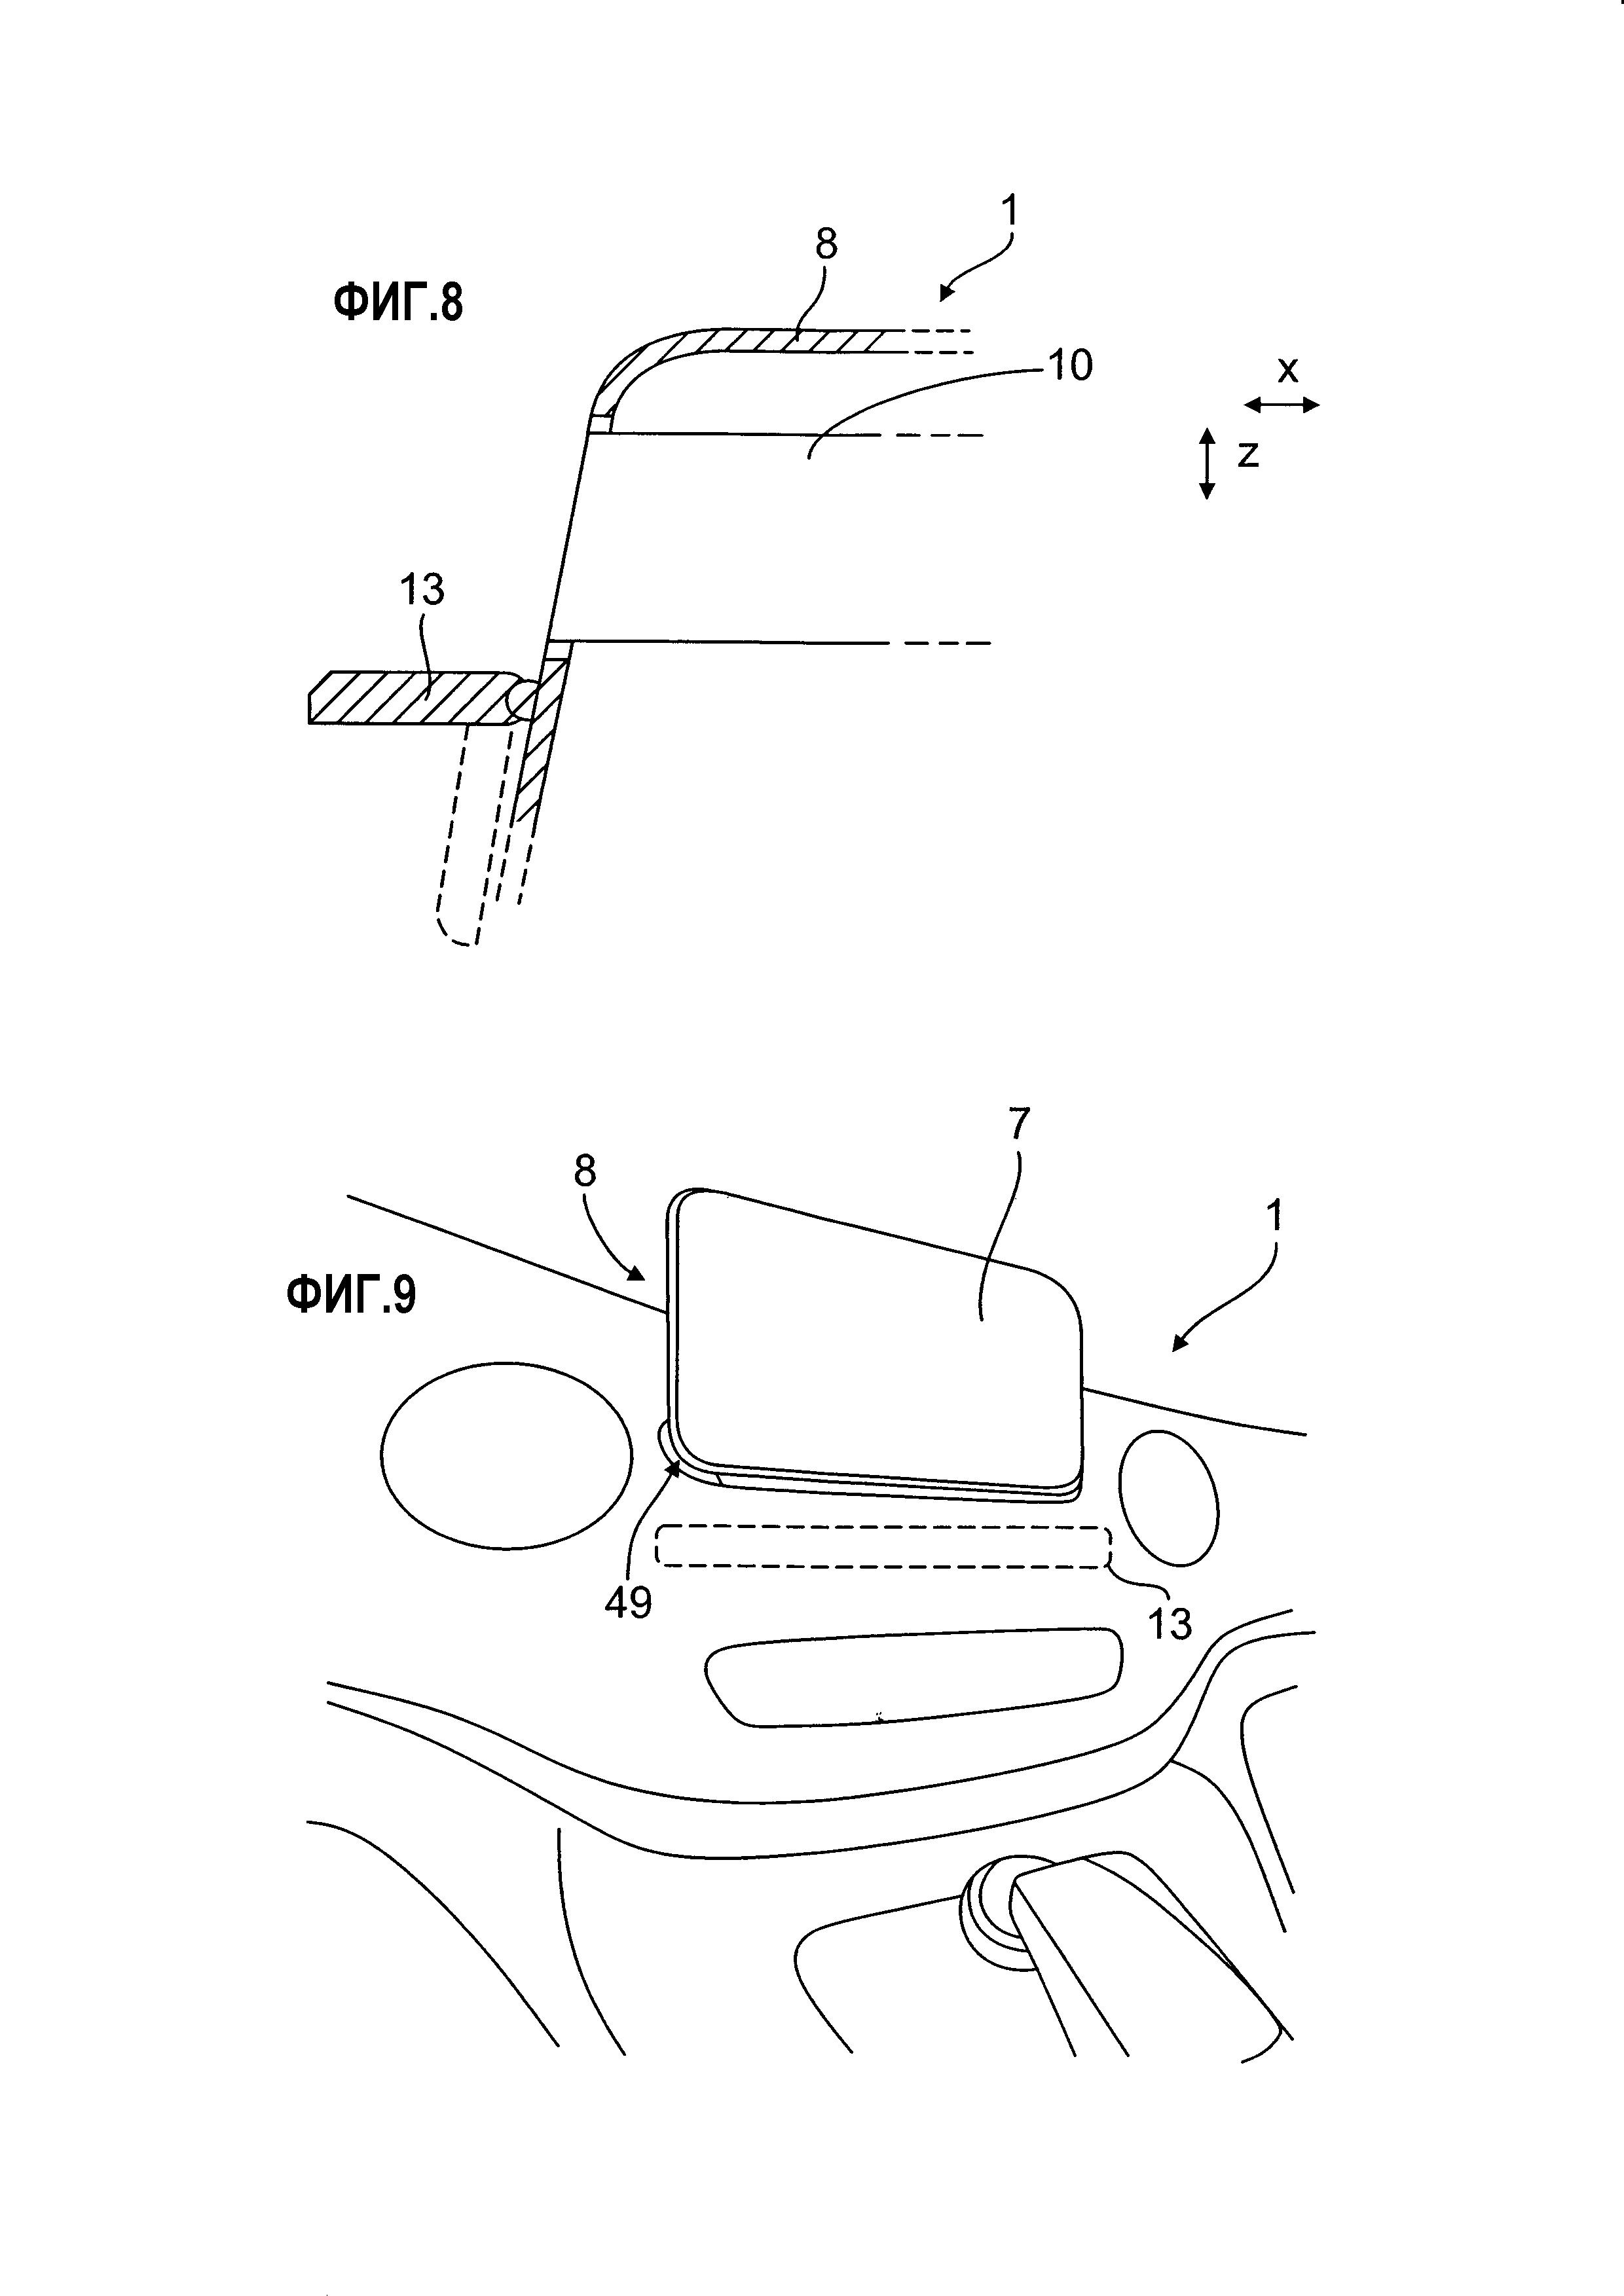 Автомобиль с опорой для руки и индикаторным устройством